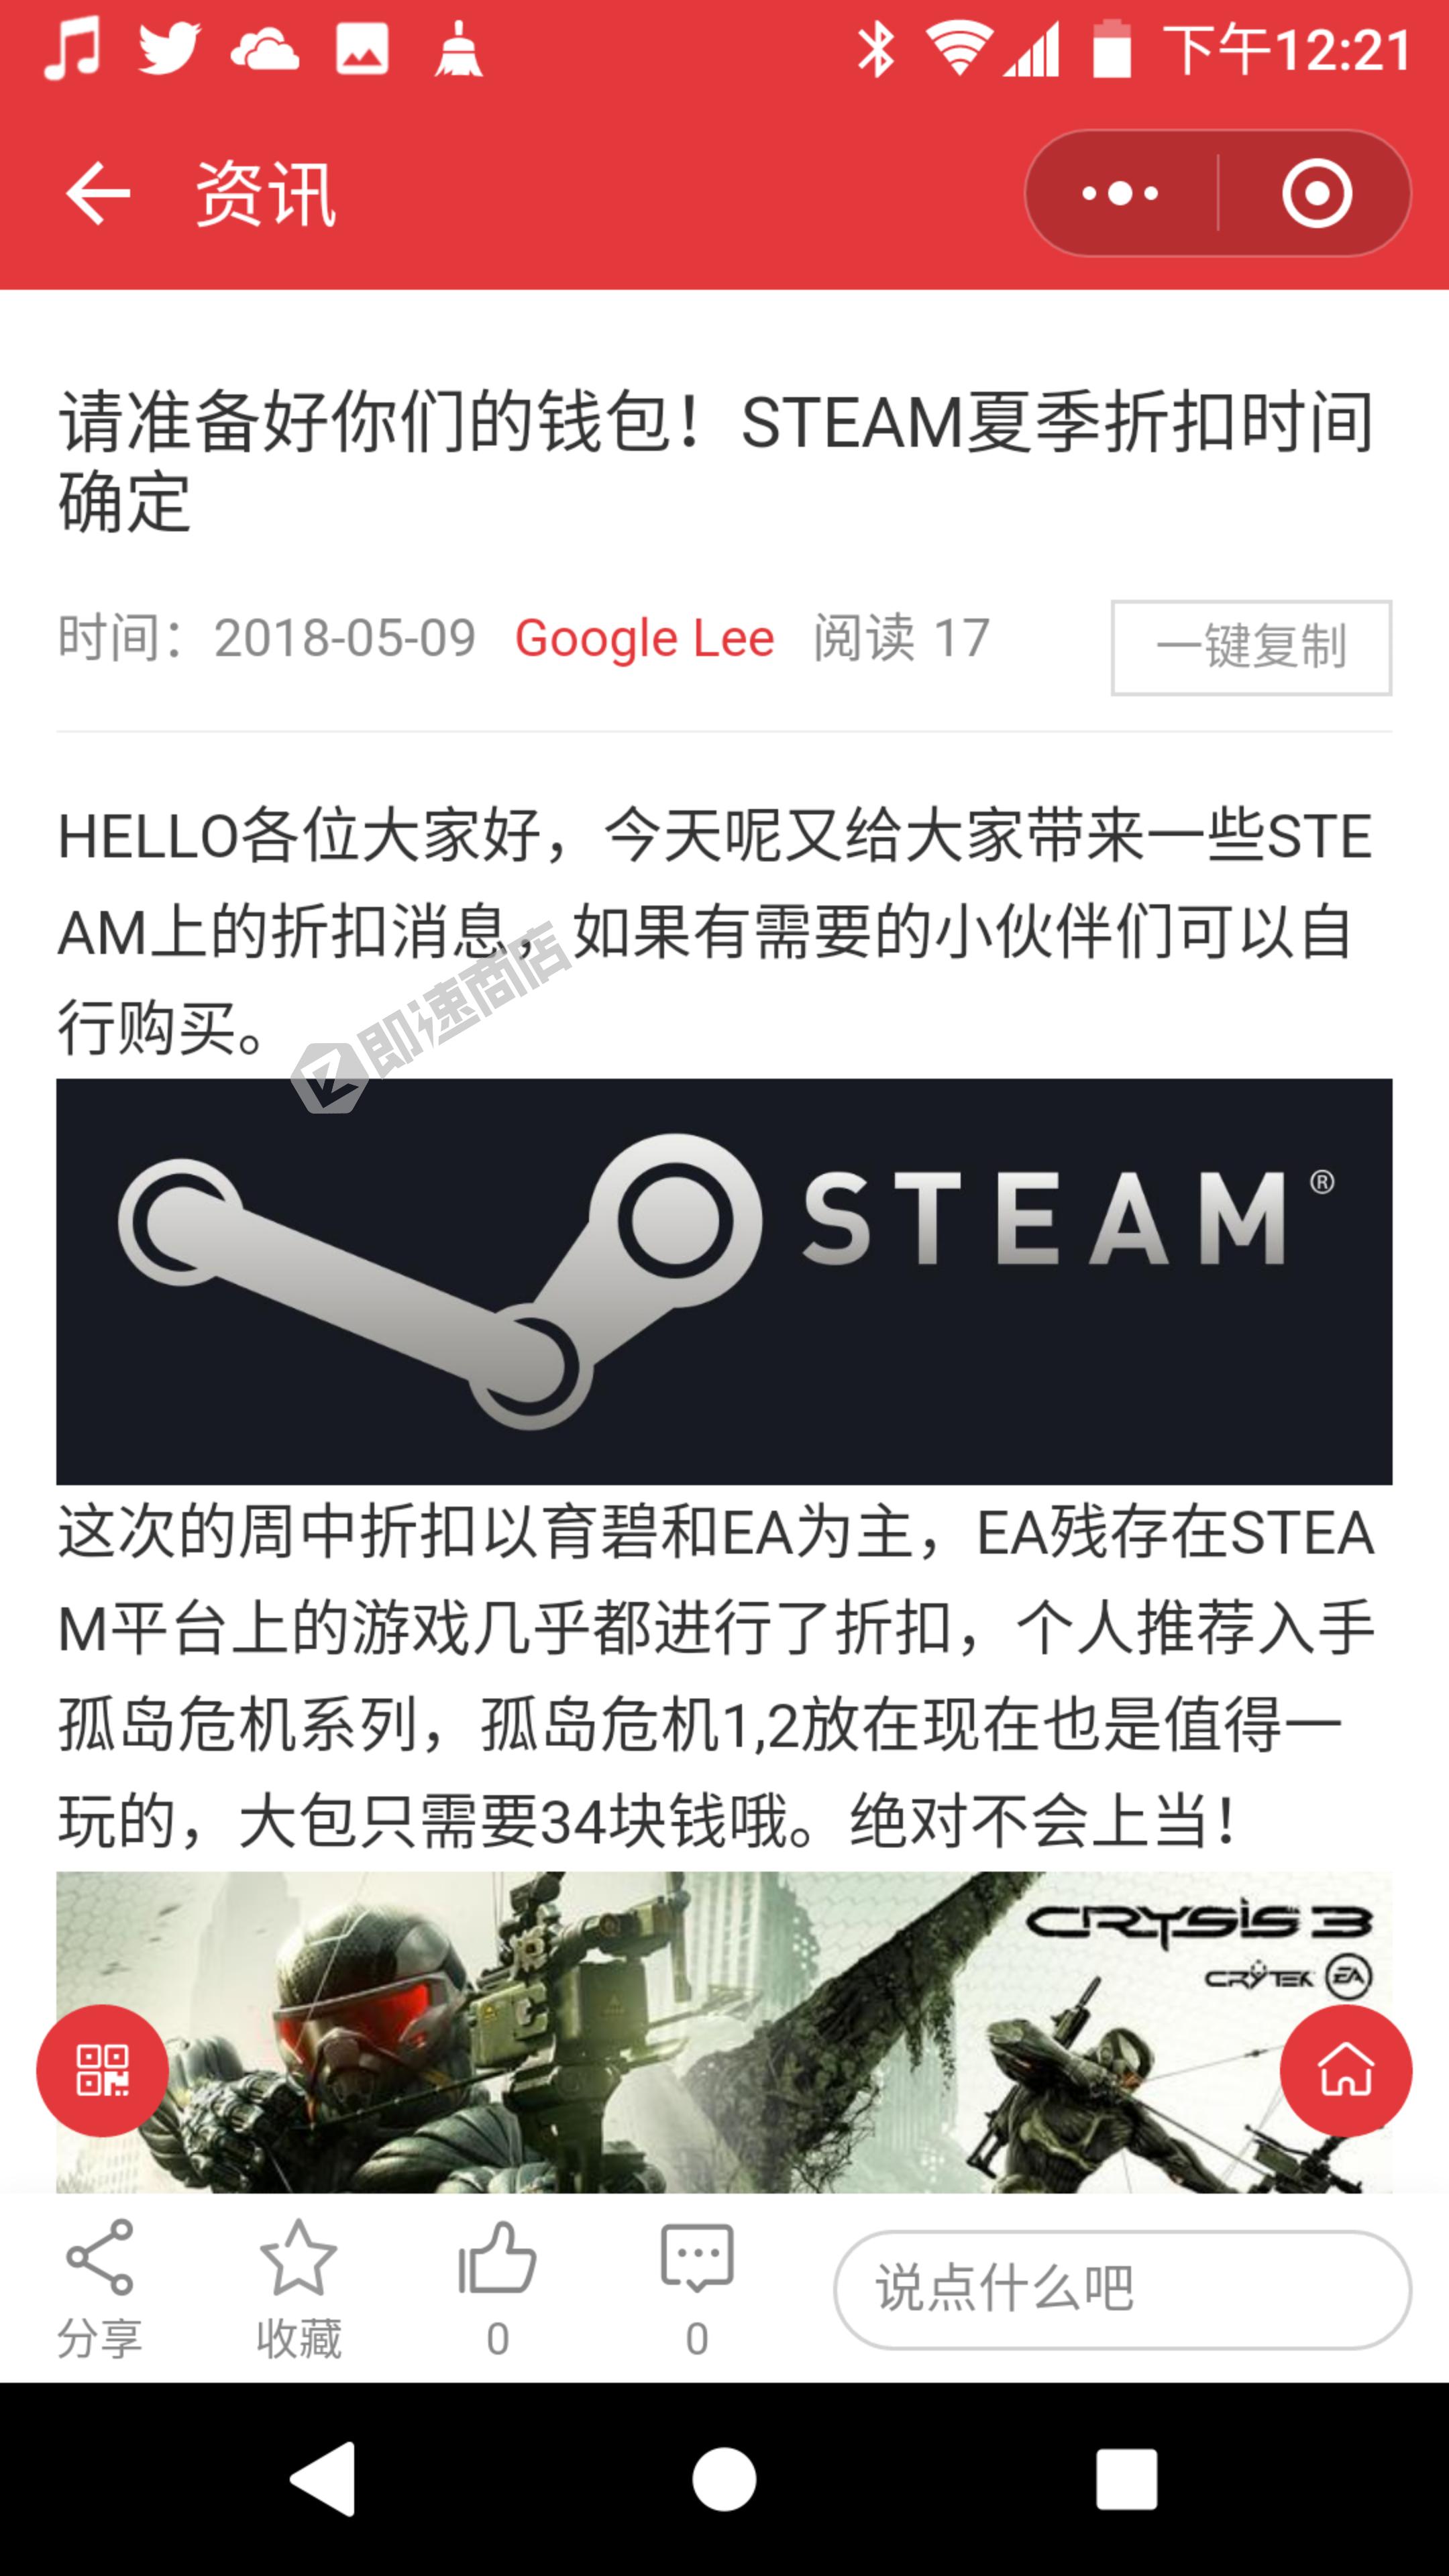 扬州此方教育科技小程序首页截图